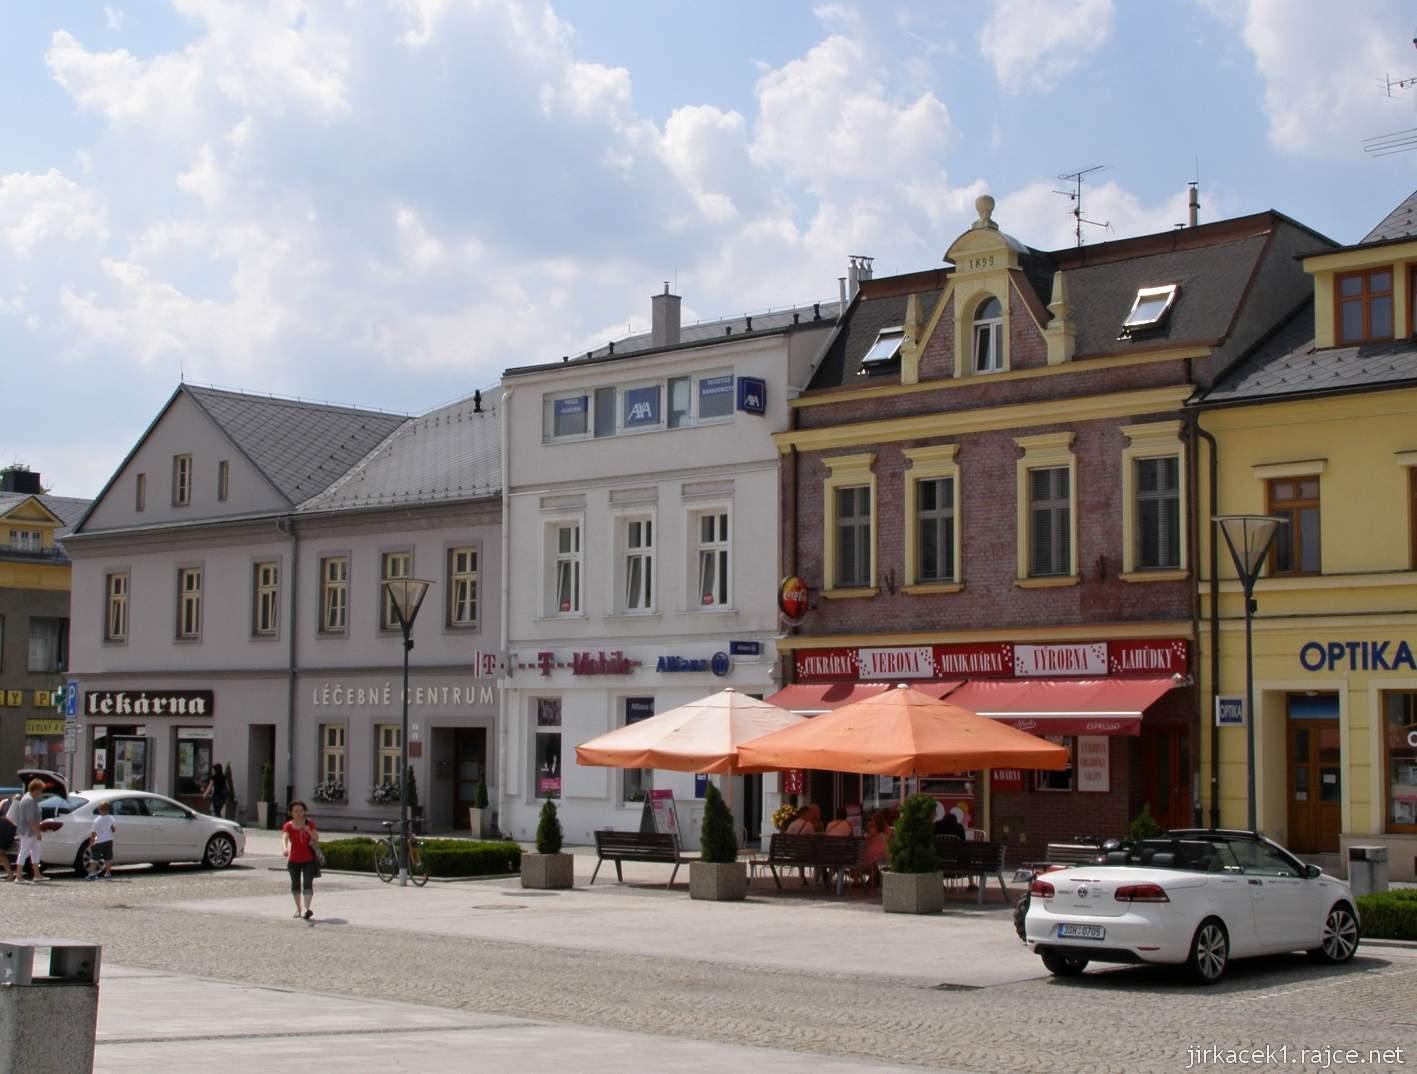 Hlučín - Mírové náměstí 07 - domy na náměstí - T mobile, lékárna, léčebné centrum, Optika, výrobna Verona